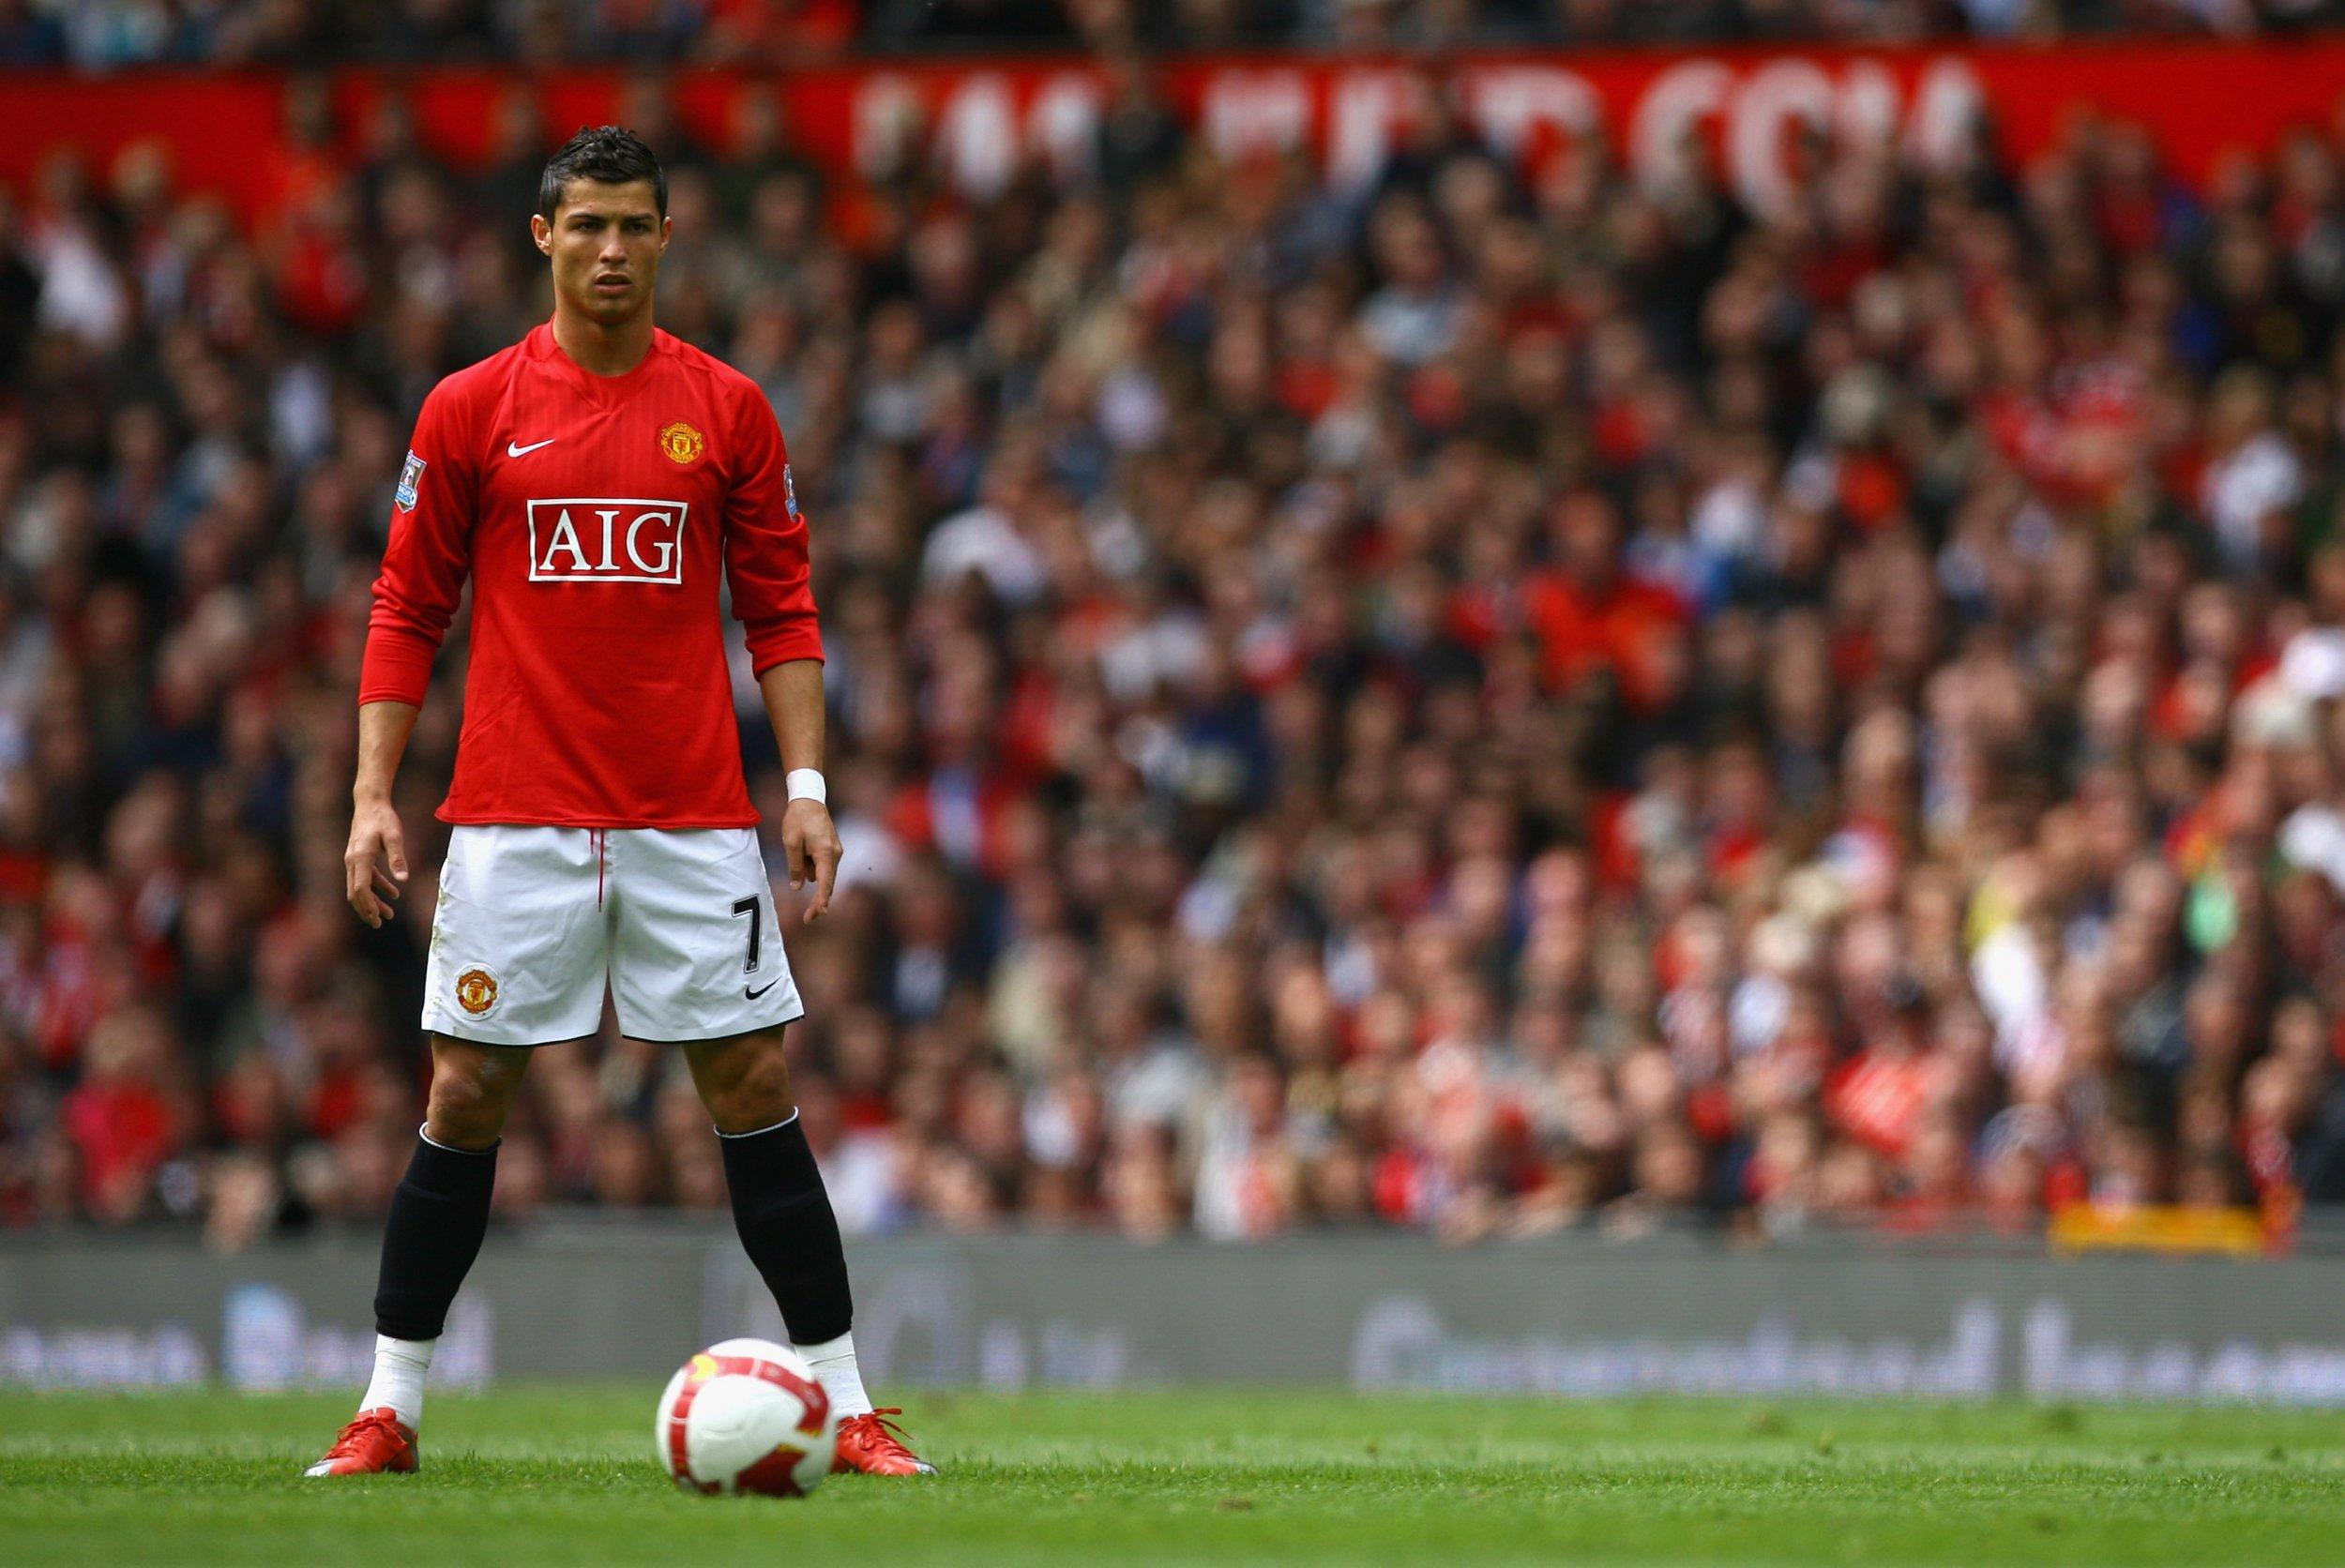 Cristiano Ronaldo Manchester United S Marcus Rashford Idolized